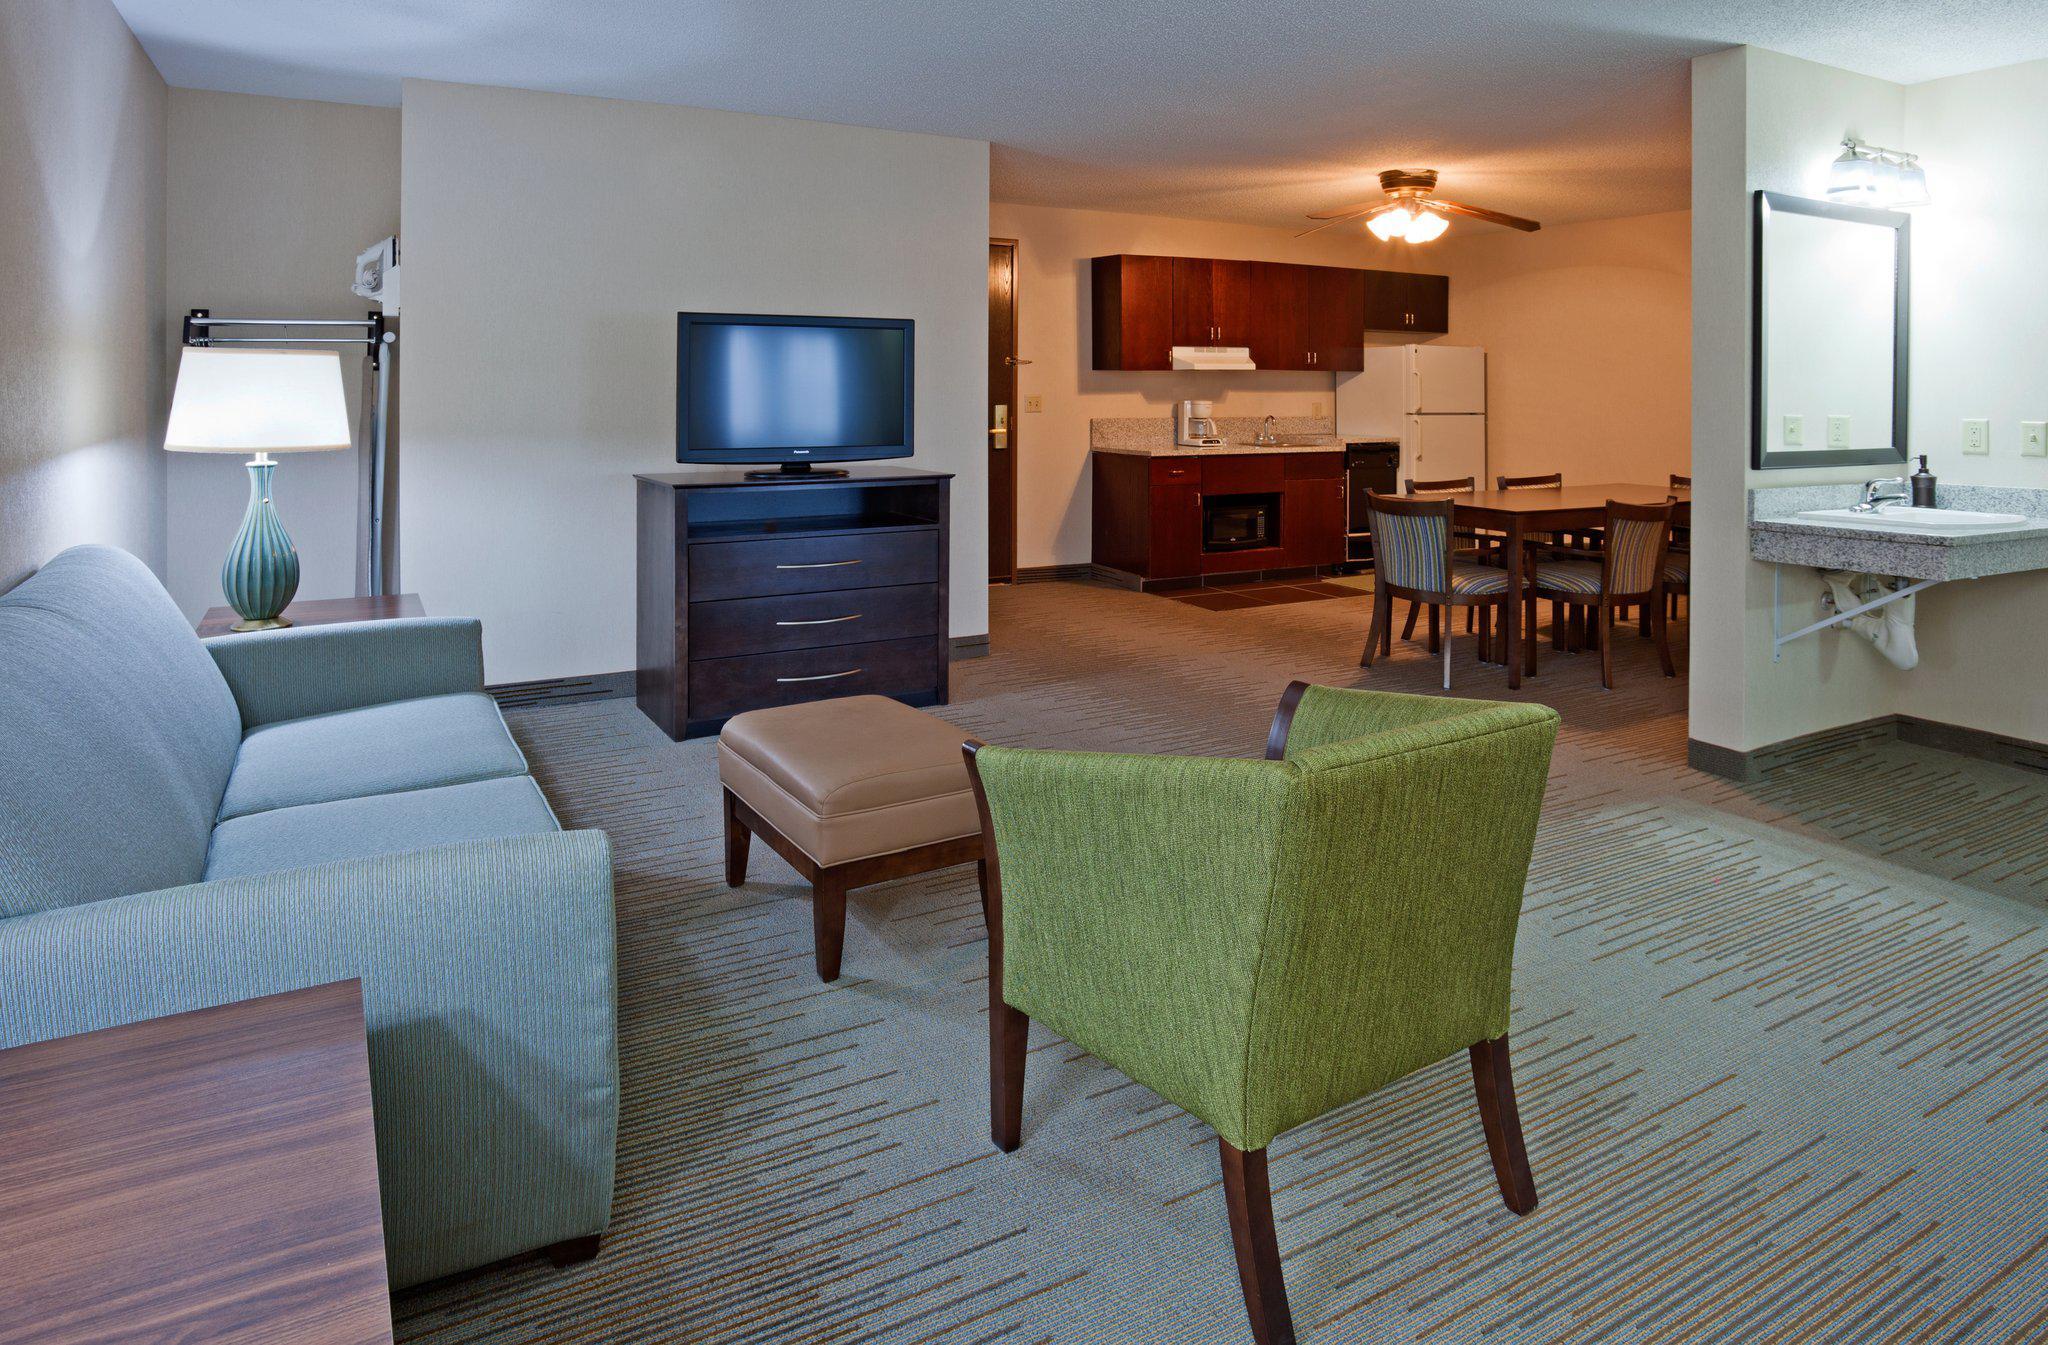 Holiday Inn Express & Suites St. Paul NE (Vadnais Heights), an IHG Hotel